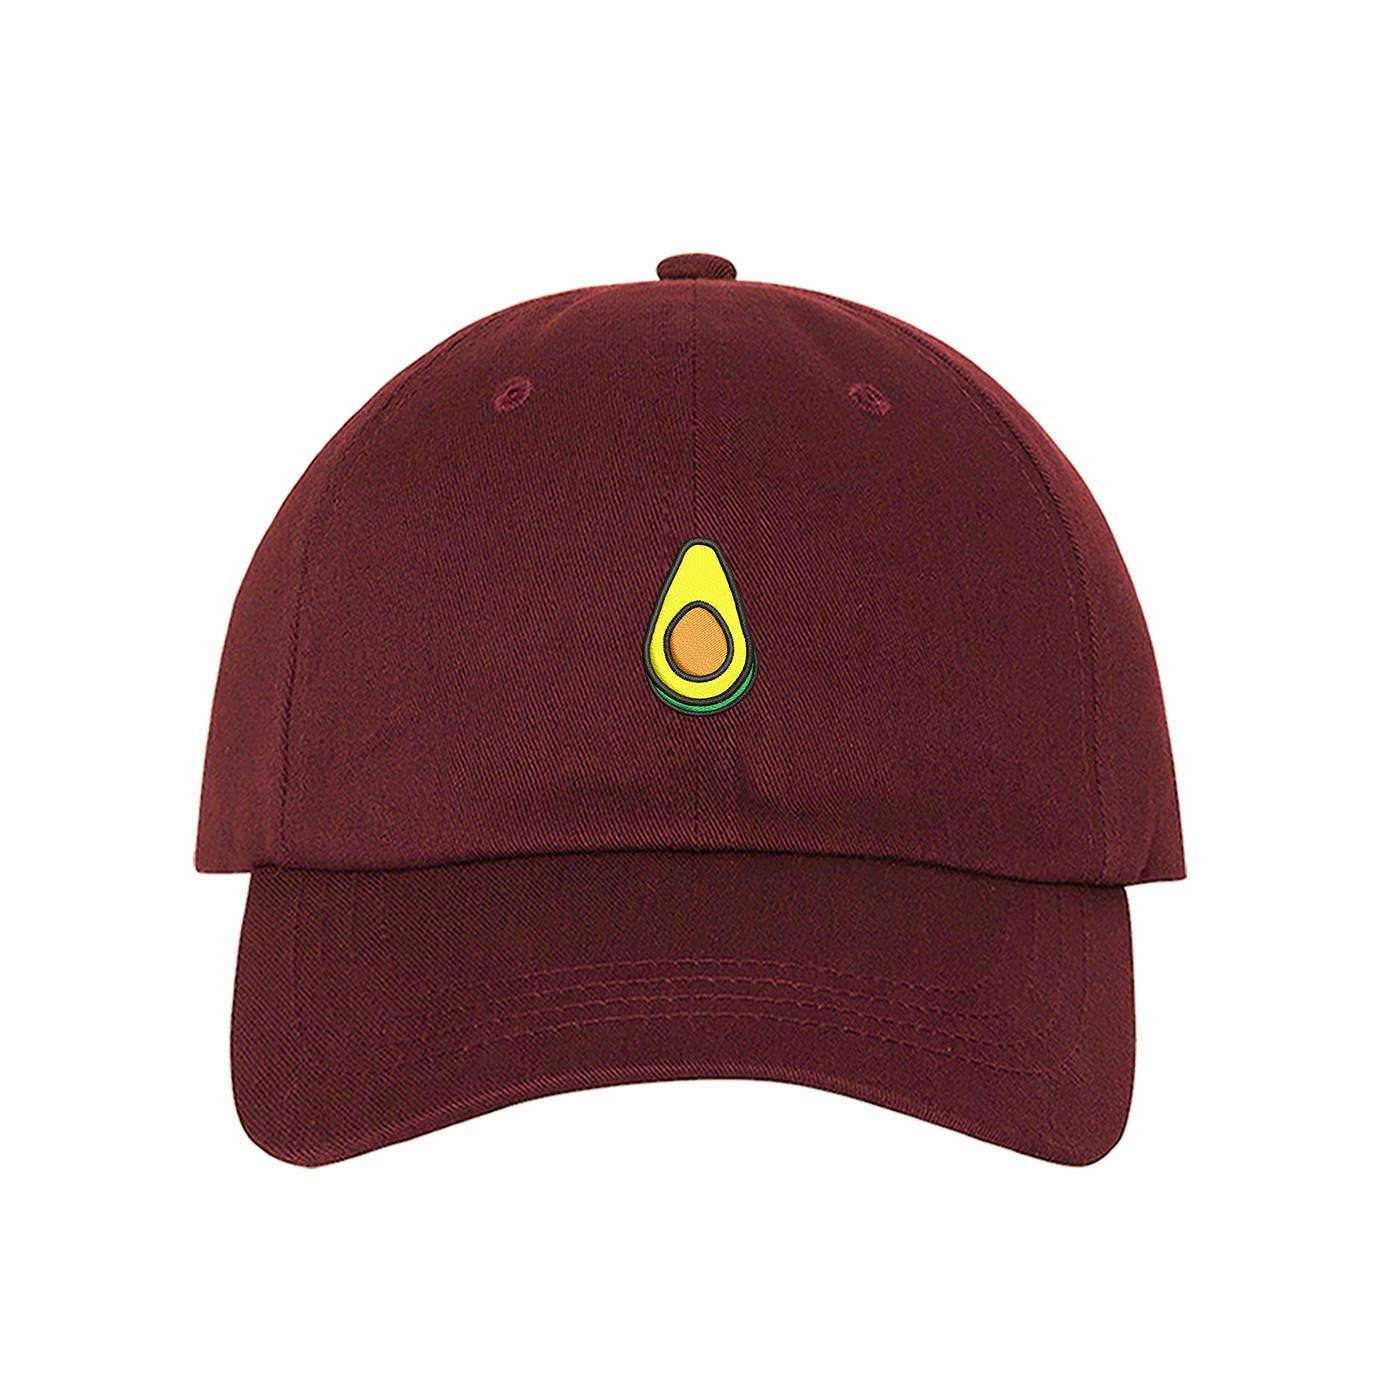 Avocado Dad Hat Baseball Cap Embroidered Green Avocado Dad Hat Vegan Hat  Food Lover Low Profile Dad Hats Avocado Gift Tumblr Black Dad Cap 29810885005